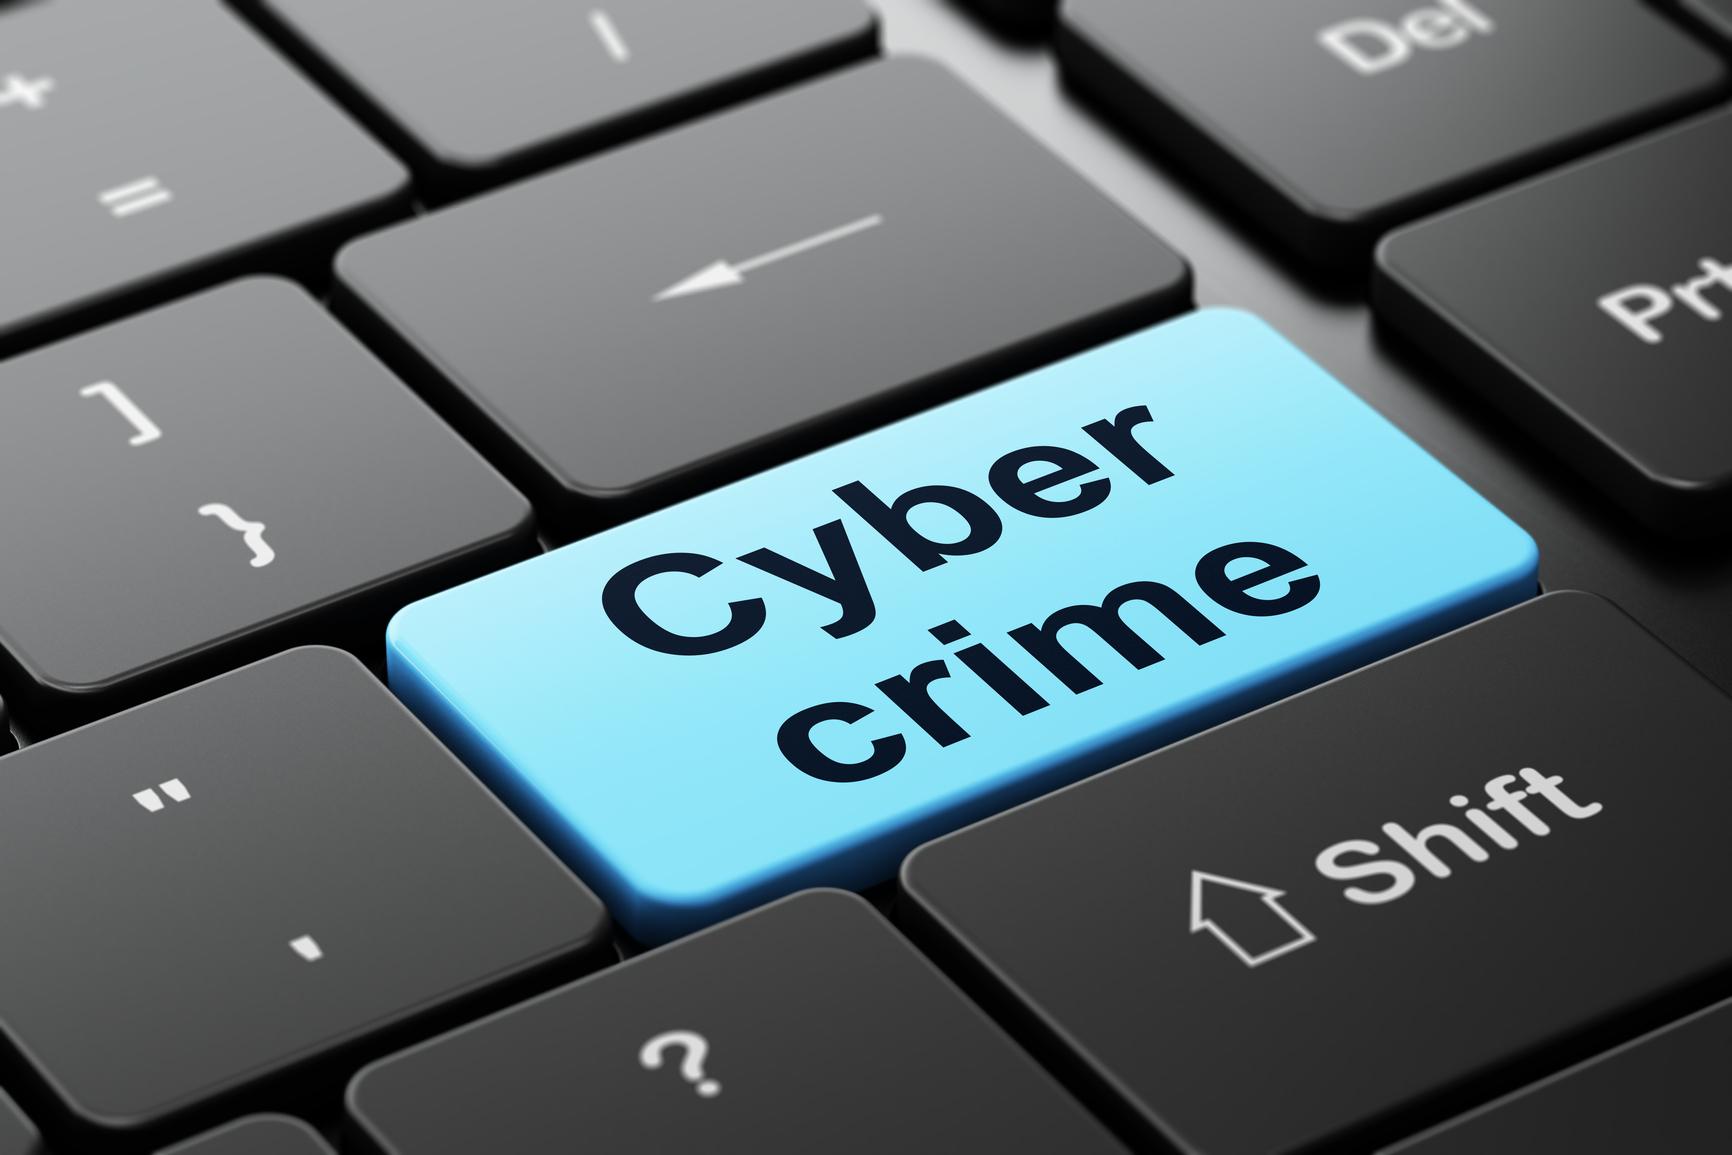 Βόζεμπεργκ_ευρωβουλευτής_ηλεκτρονικό_έγκλημα_παρέμβαση_ολομέλεια_κυβερνοέγκλημα_απειλή_ΕΕ_παραβίαση_ασφάλεια